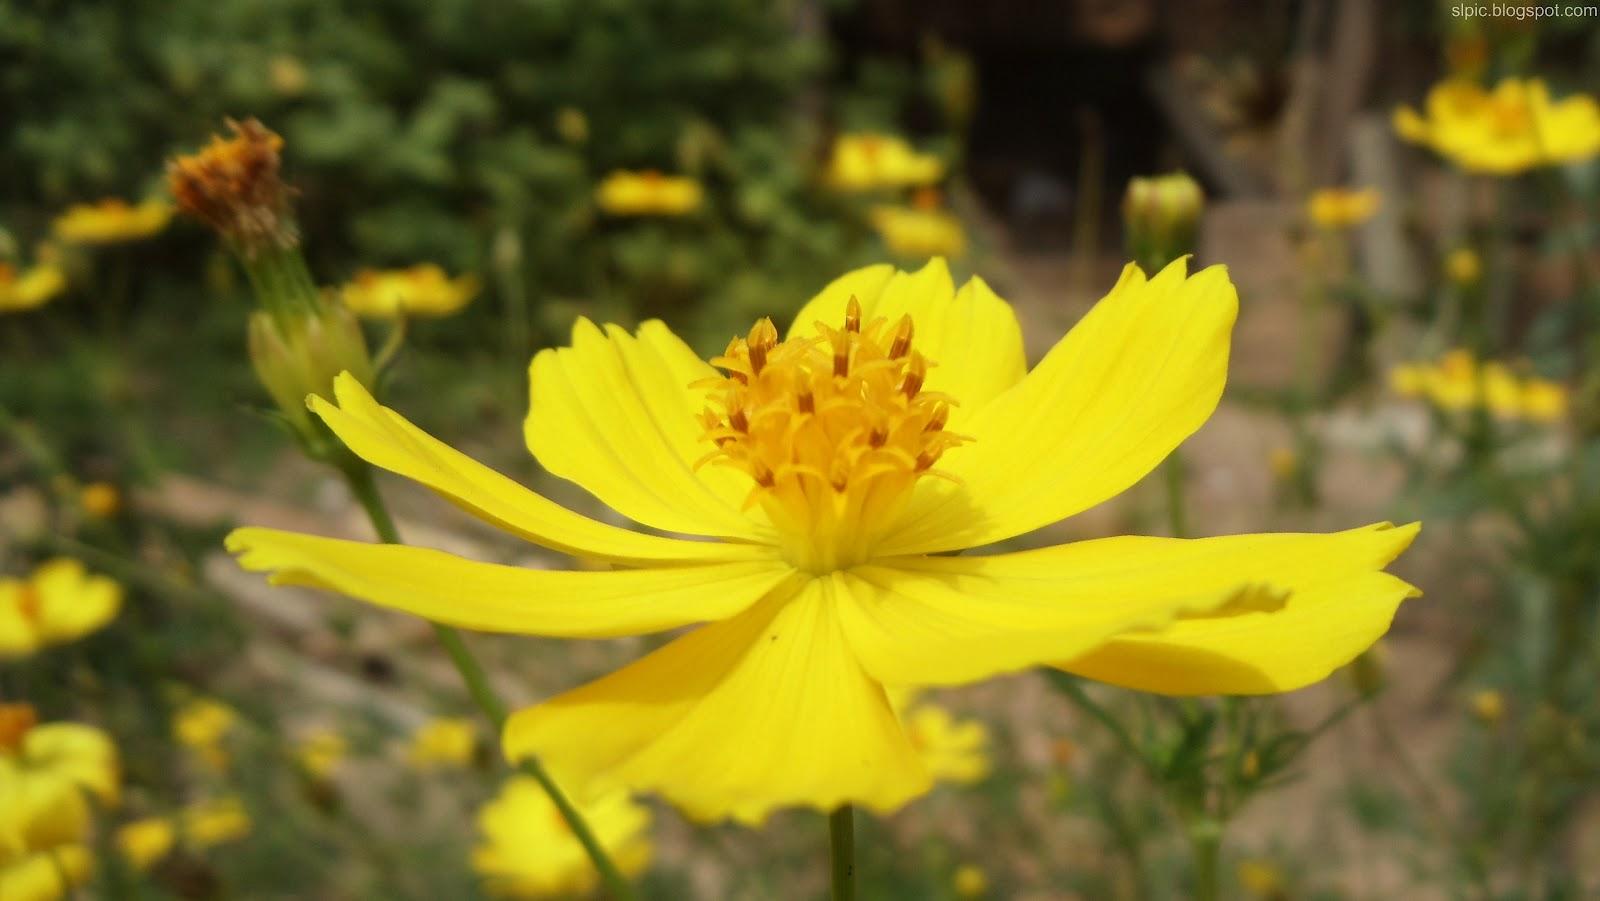 http://1.bp.blogspot.com/-_H0S8Qp1qvA/UBInPDUQgOI/AAAAAAAAKkw/XHFxATBkYbk/s1600/Srilanka+Various+Flowers+And+Nature++(3).JPG